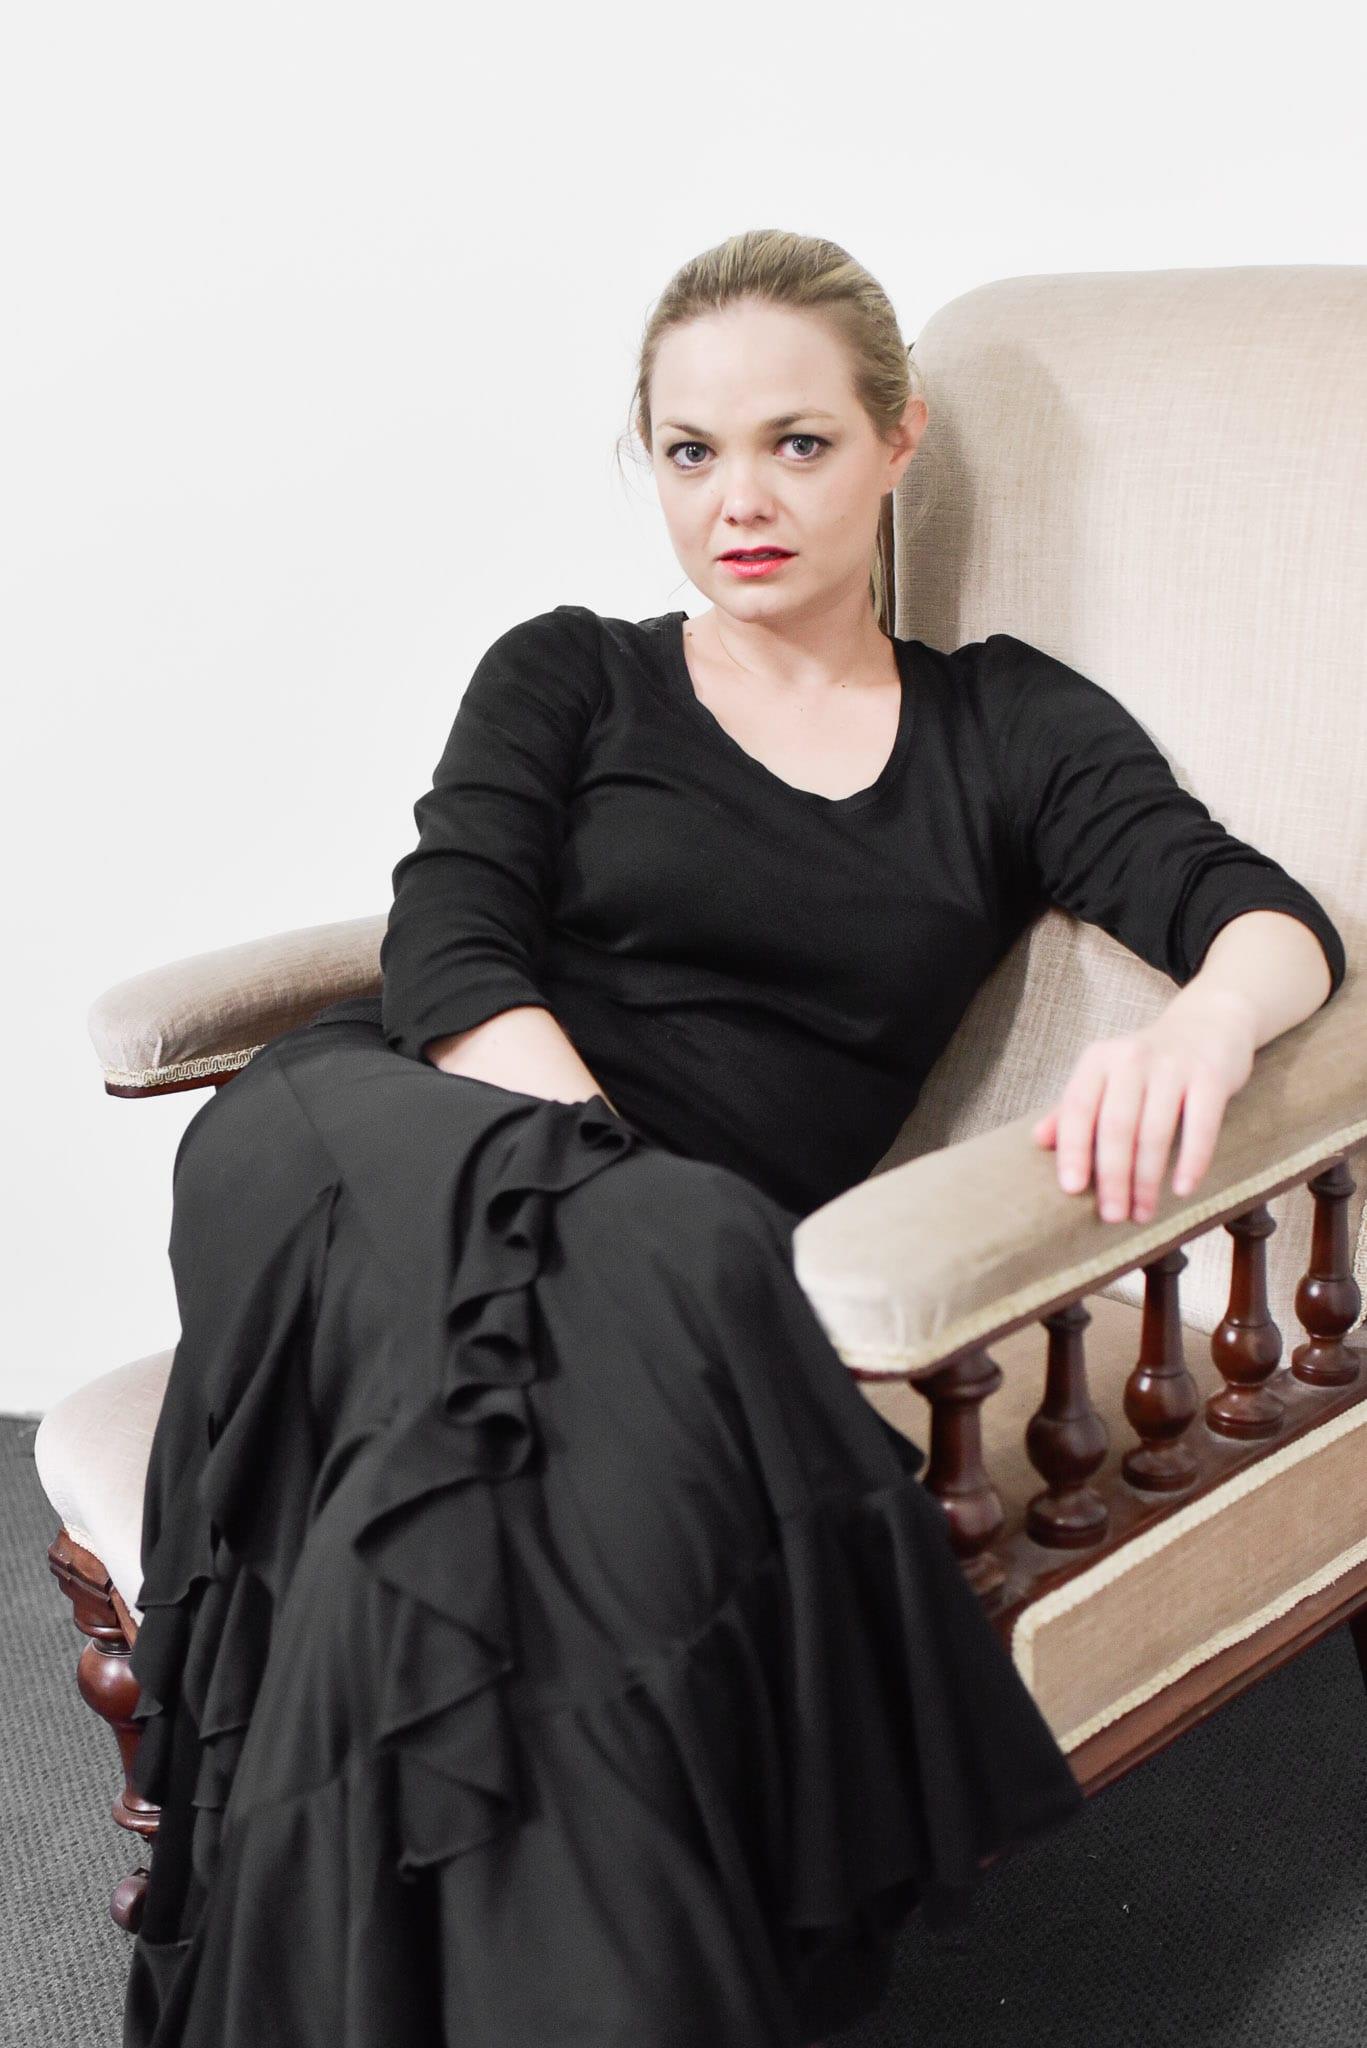 Sofia Danza Vivia Flamenco Dancer from Perth